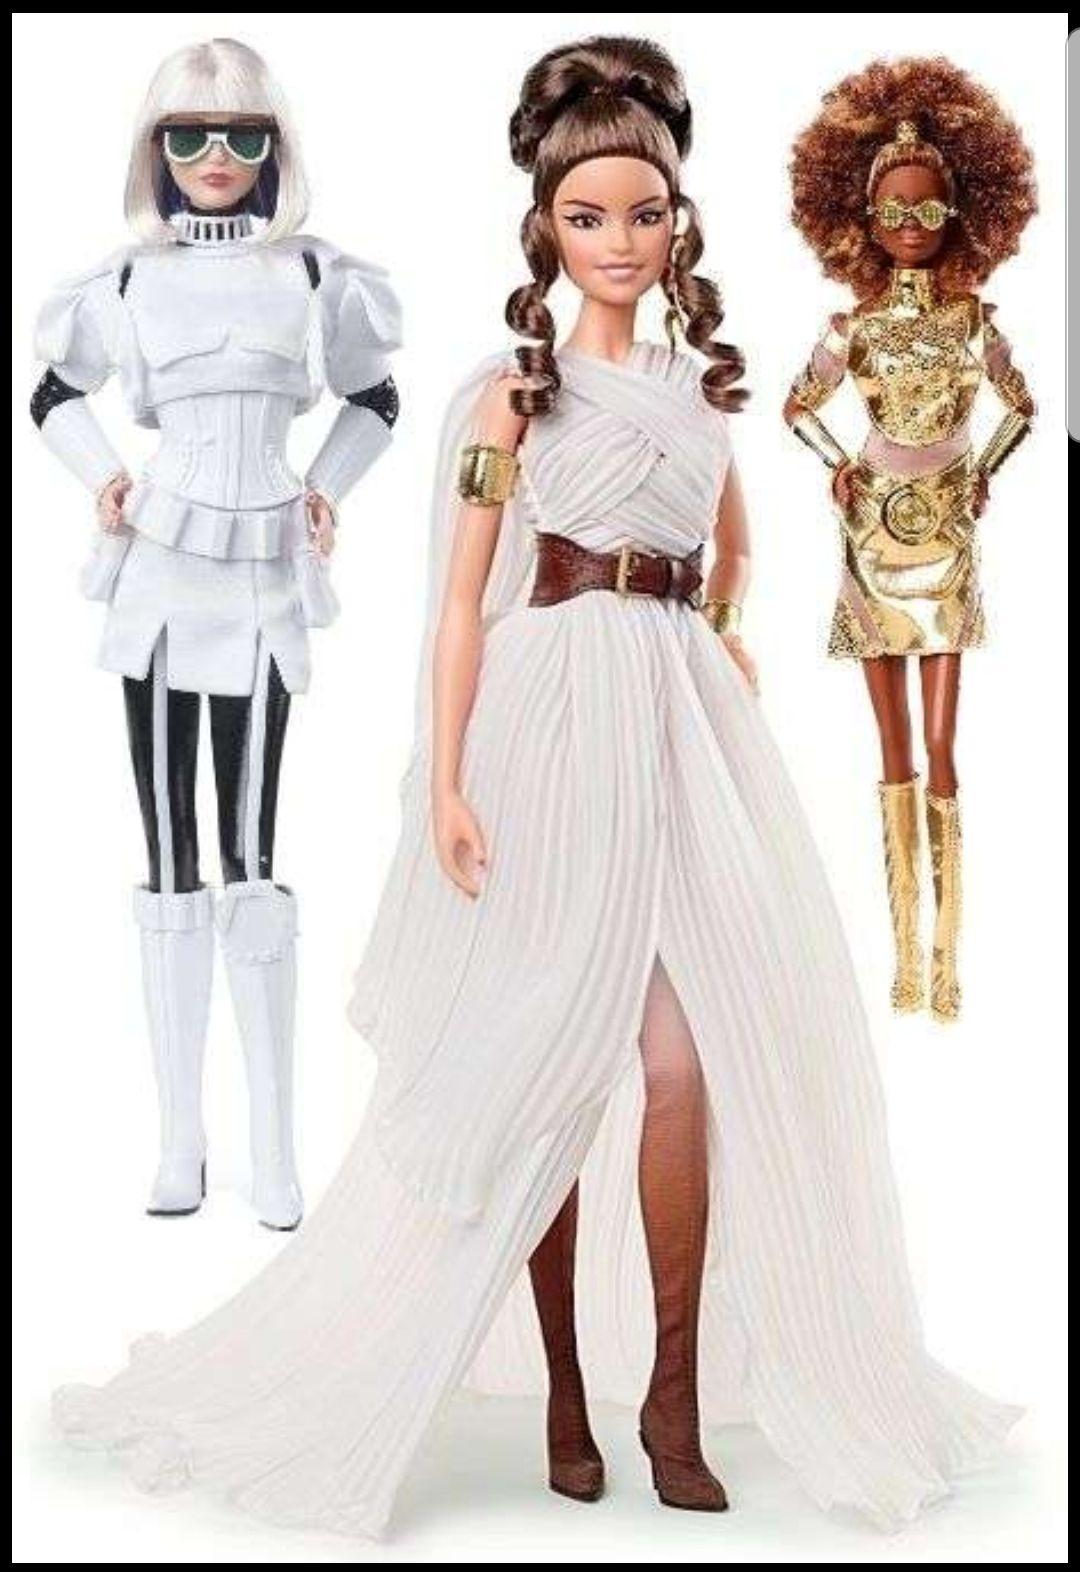 Sammeldeal Barbie Signatur Star Wars Puppen, z.B. C-3PO , Amazon